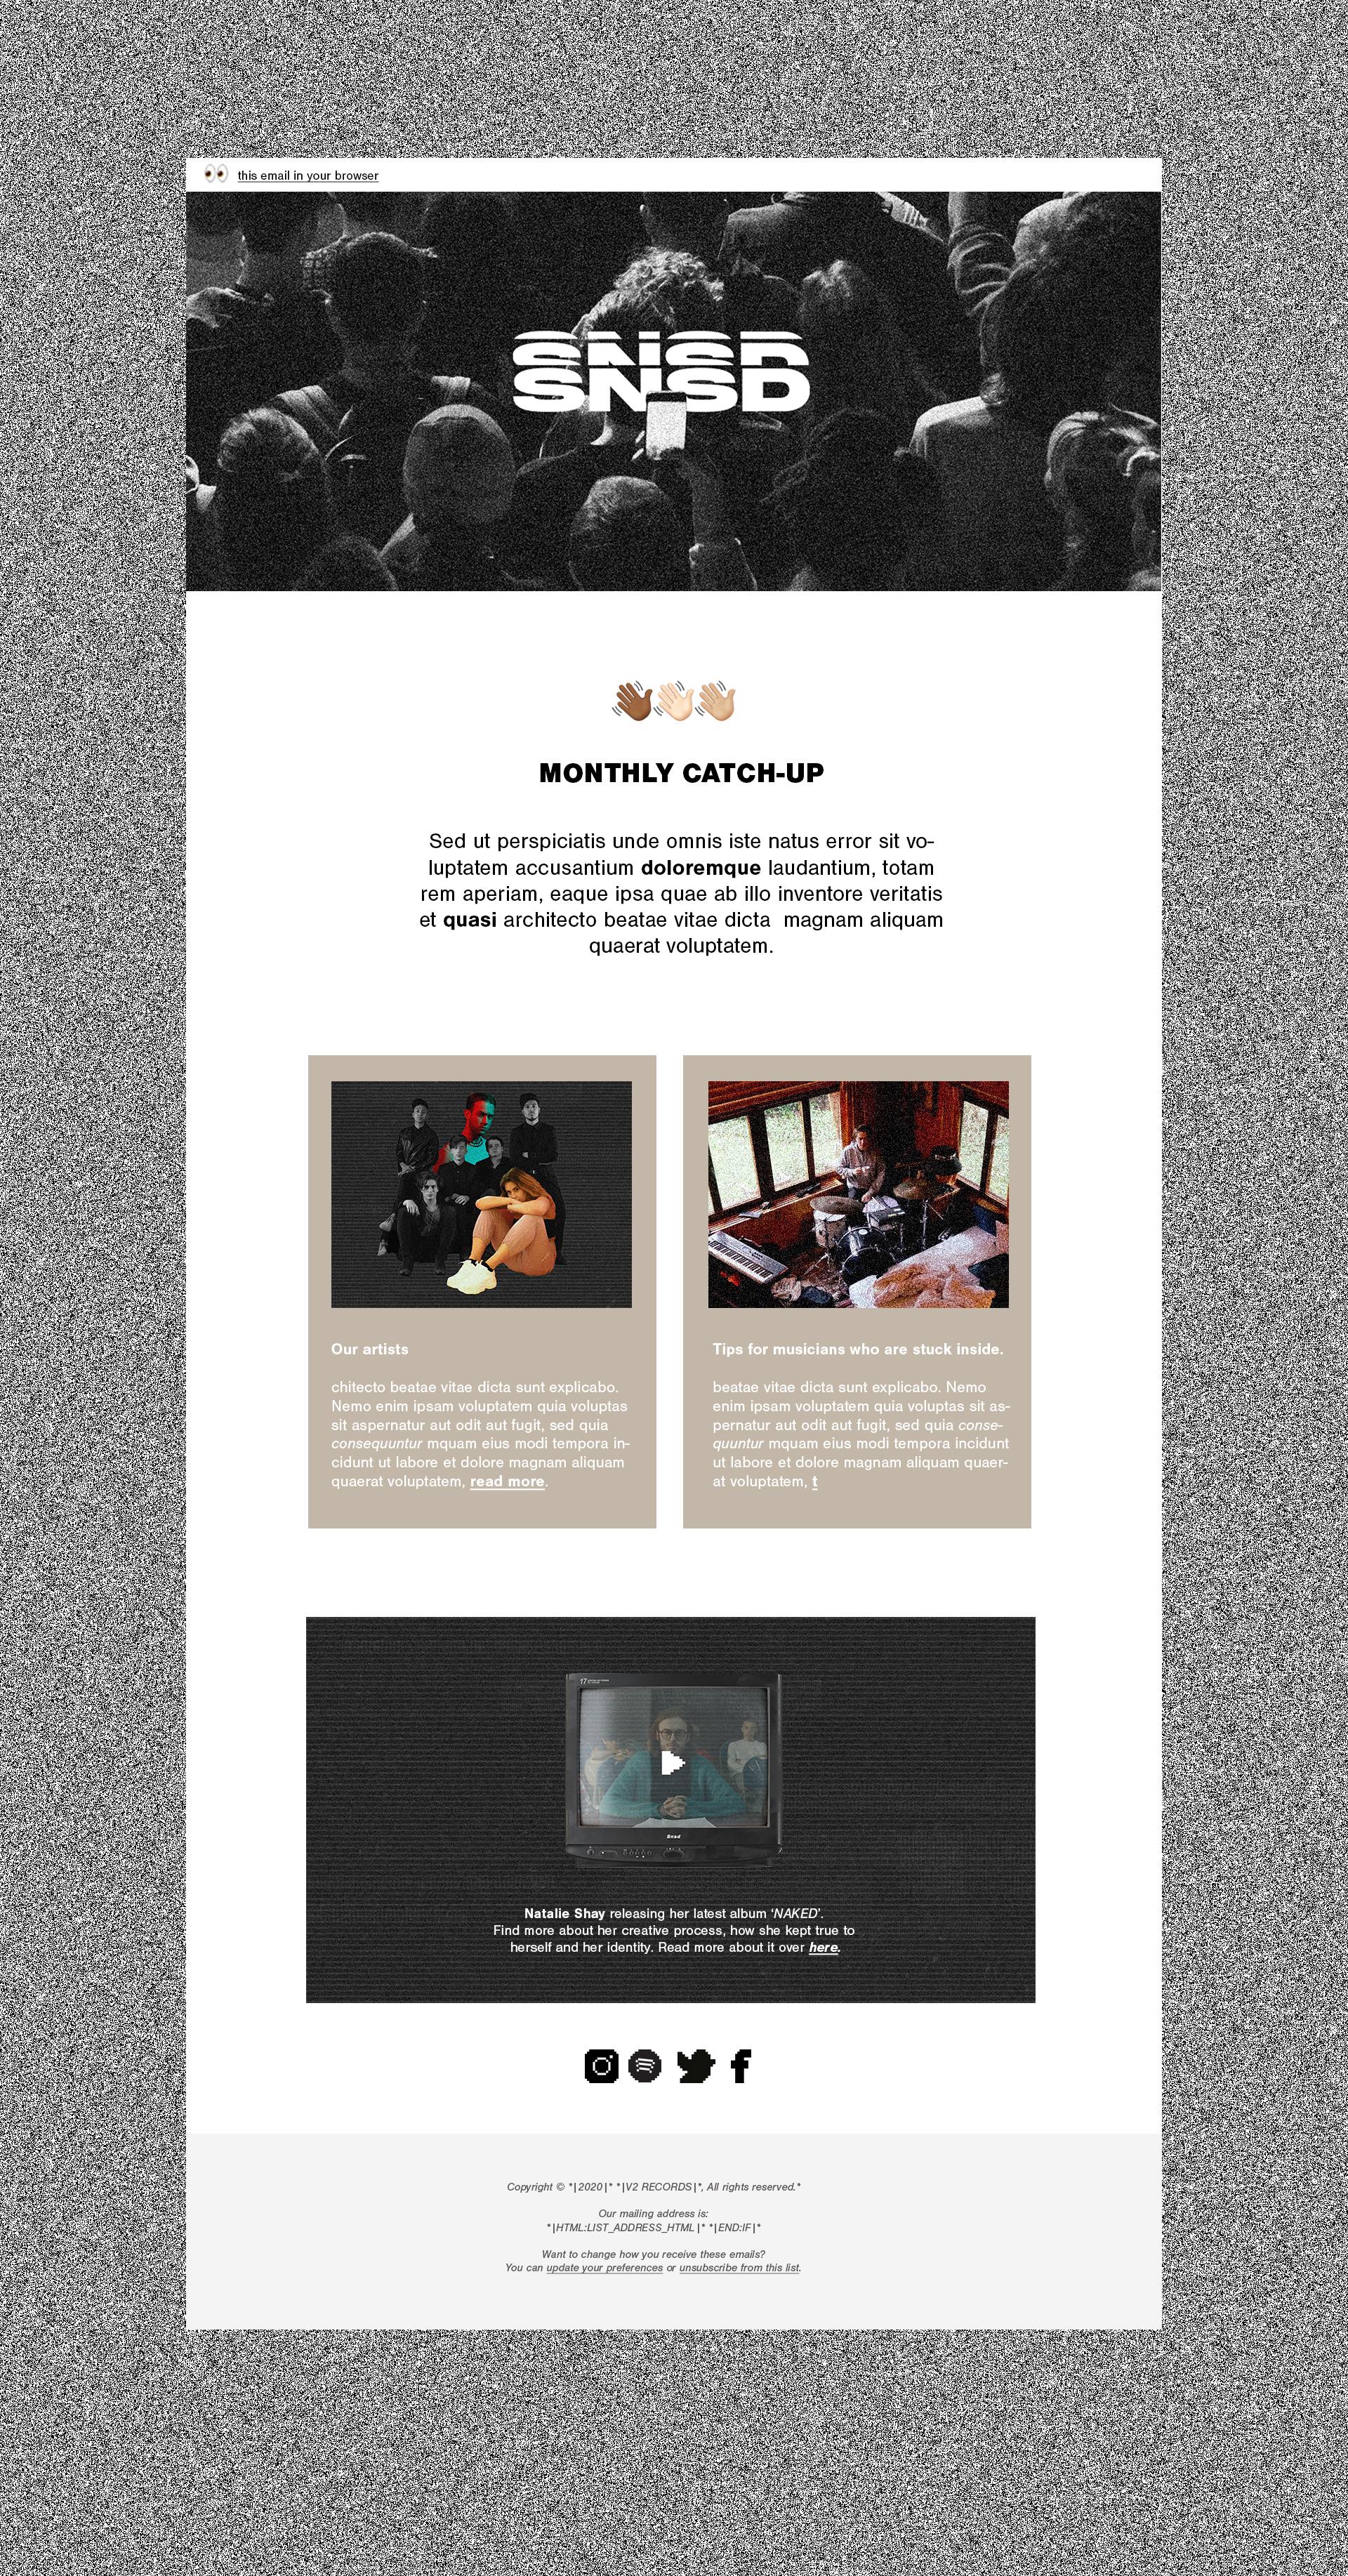 SNSD-newsletter-design